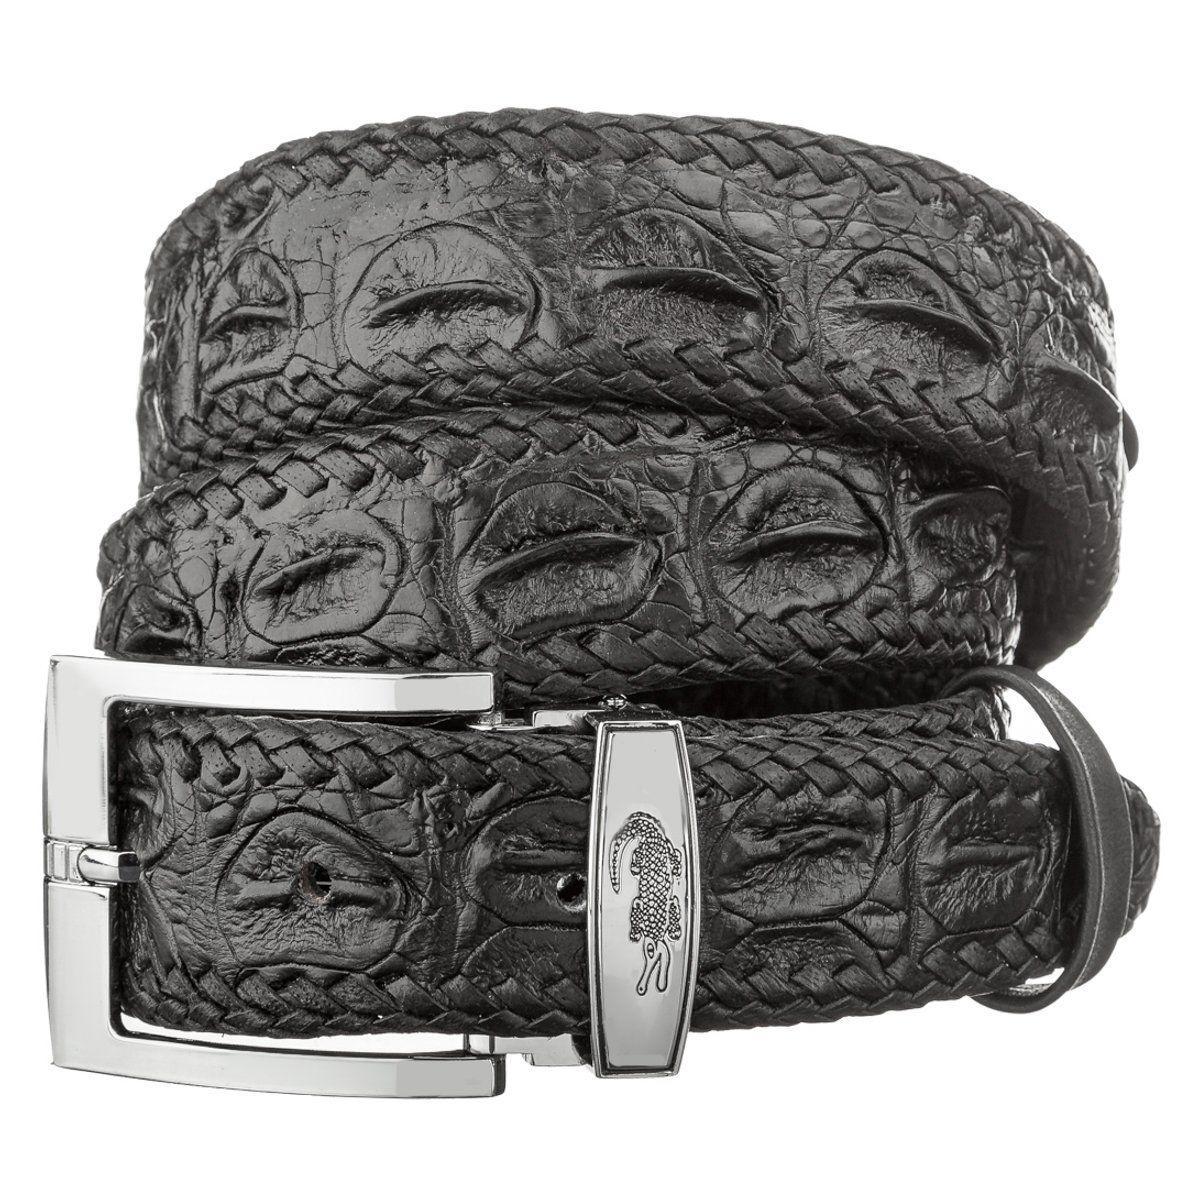 Ремень CROCODILE LEATHER 18601 из натуральной кожи крокодила Черный